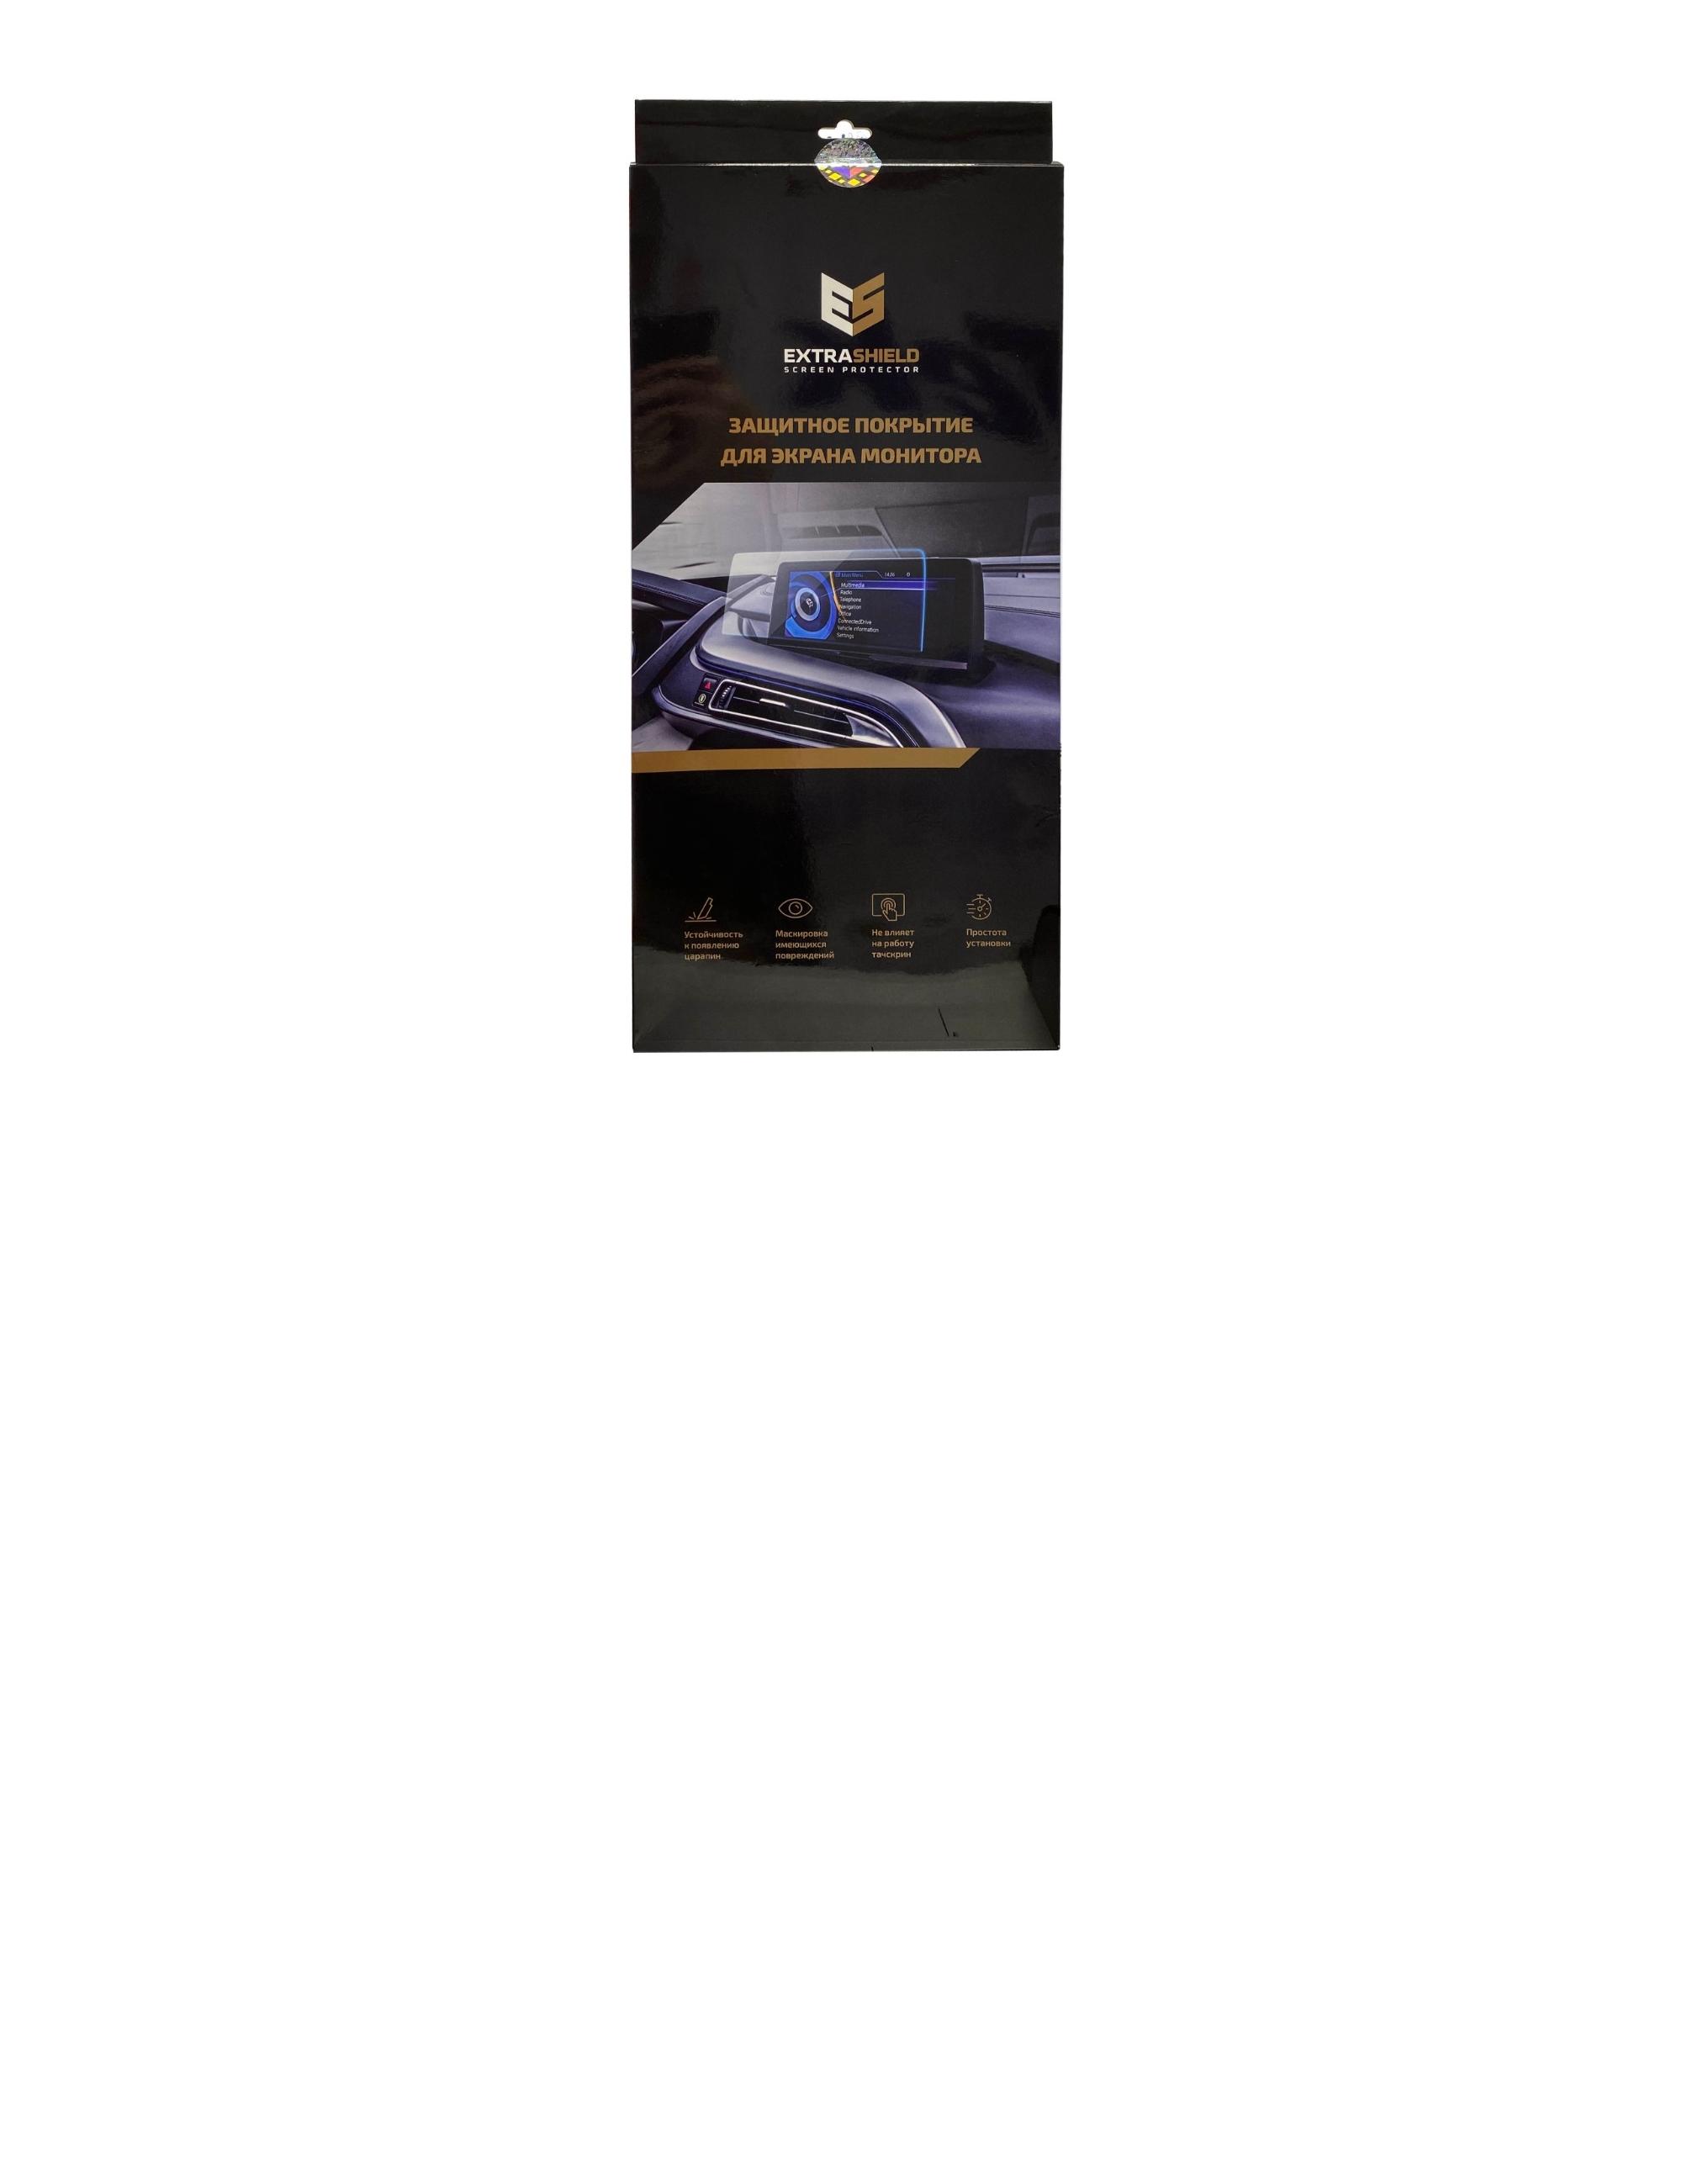 Mercedes-Benz GLC (X253) рестайлинг 2019 - н.в. приборная панель 10,25 Защитное стекло Матовая